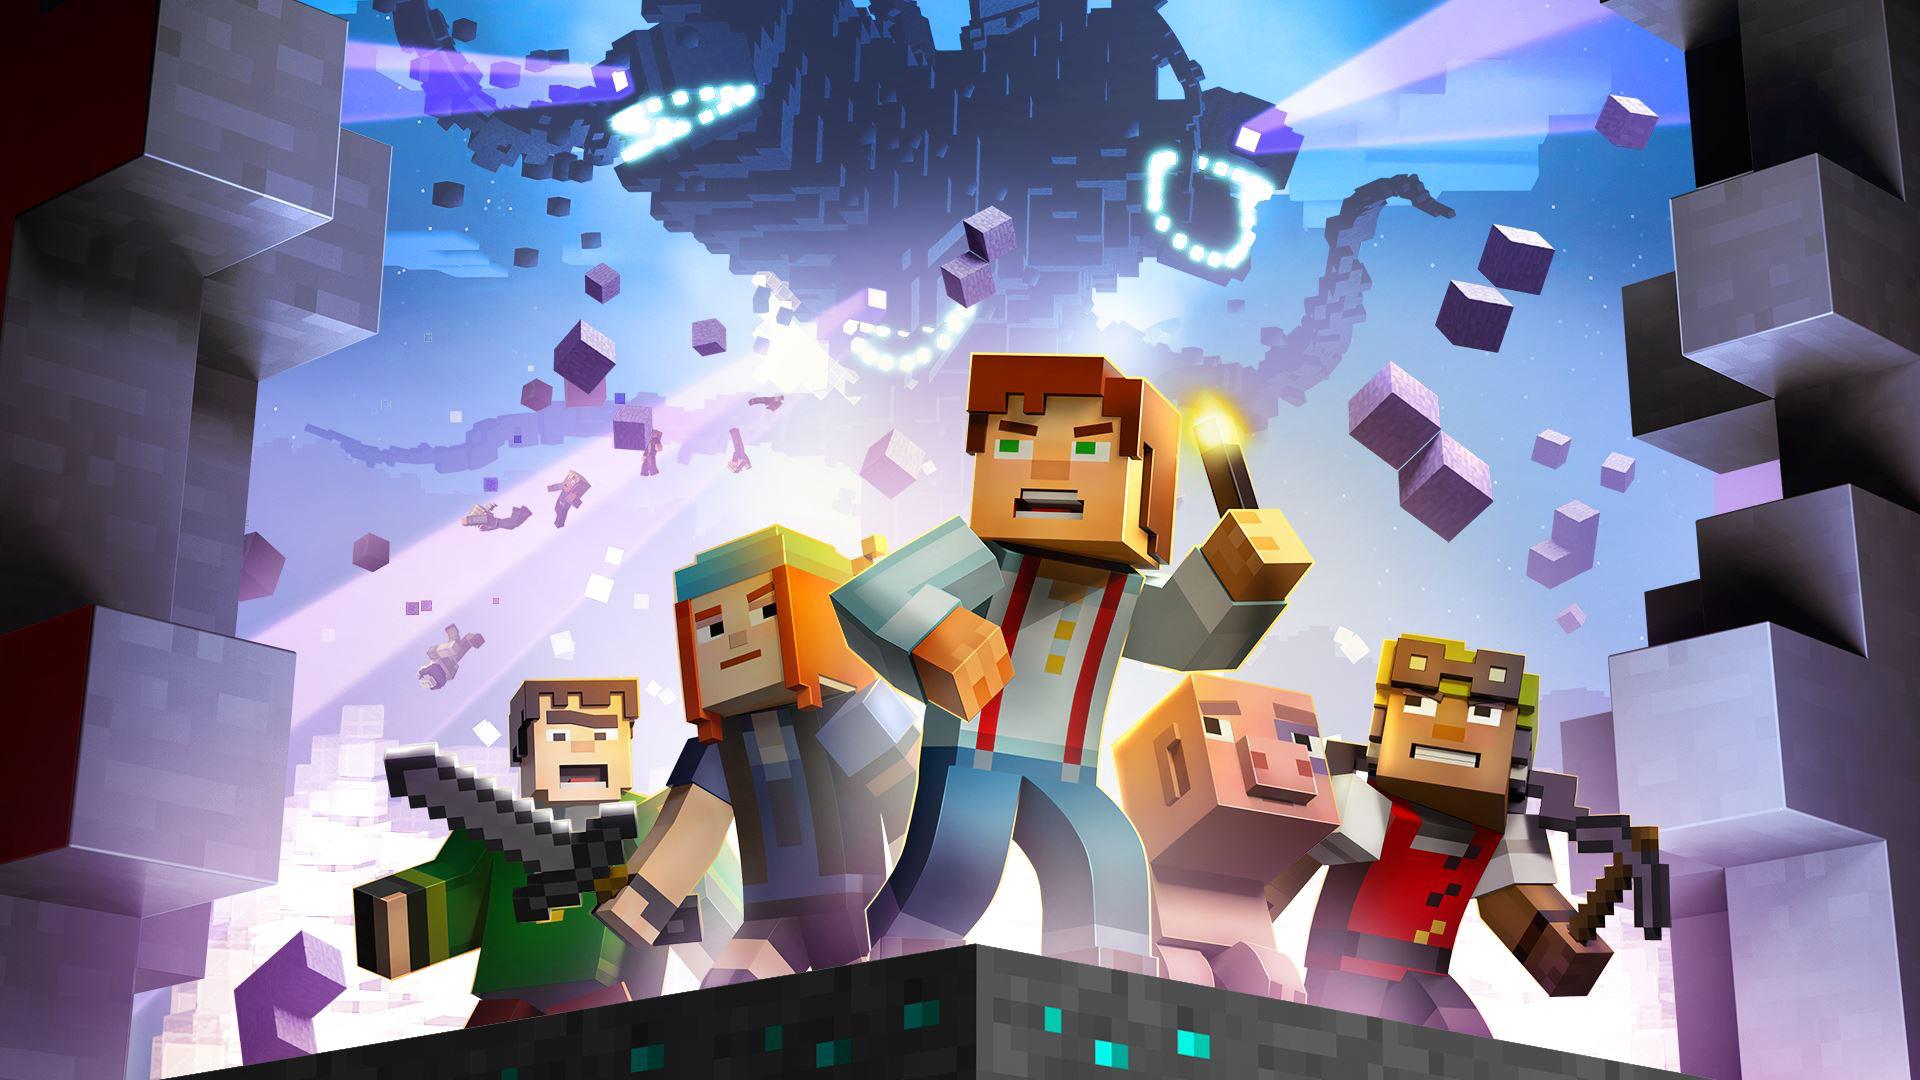 Best Wallpaper Minecraft Action - Minecraft-1080-Main  HD_448122.jpg